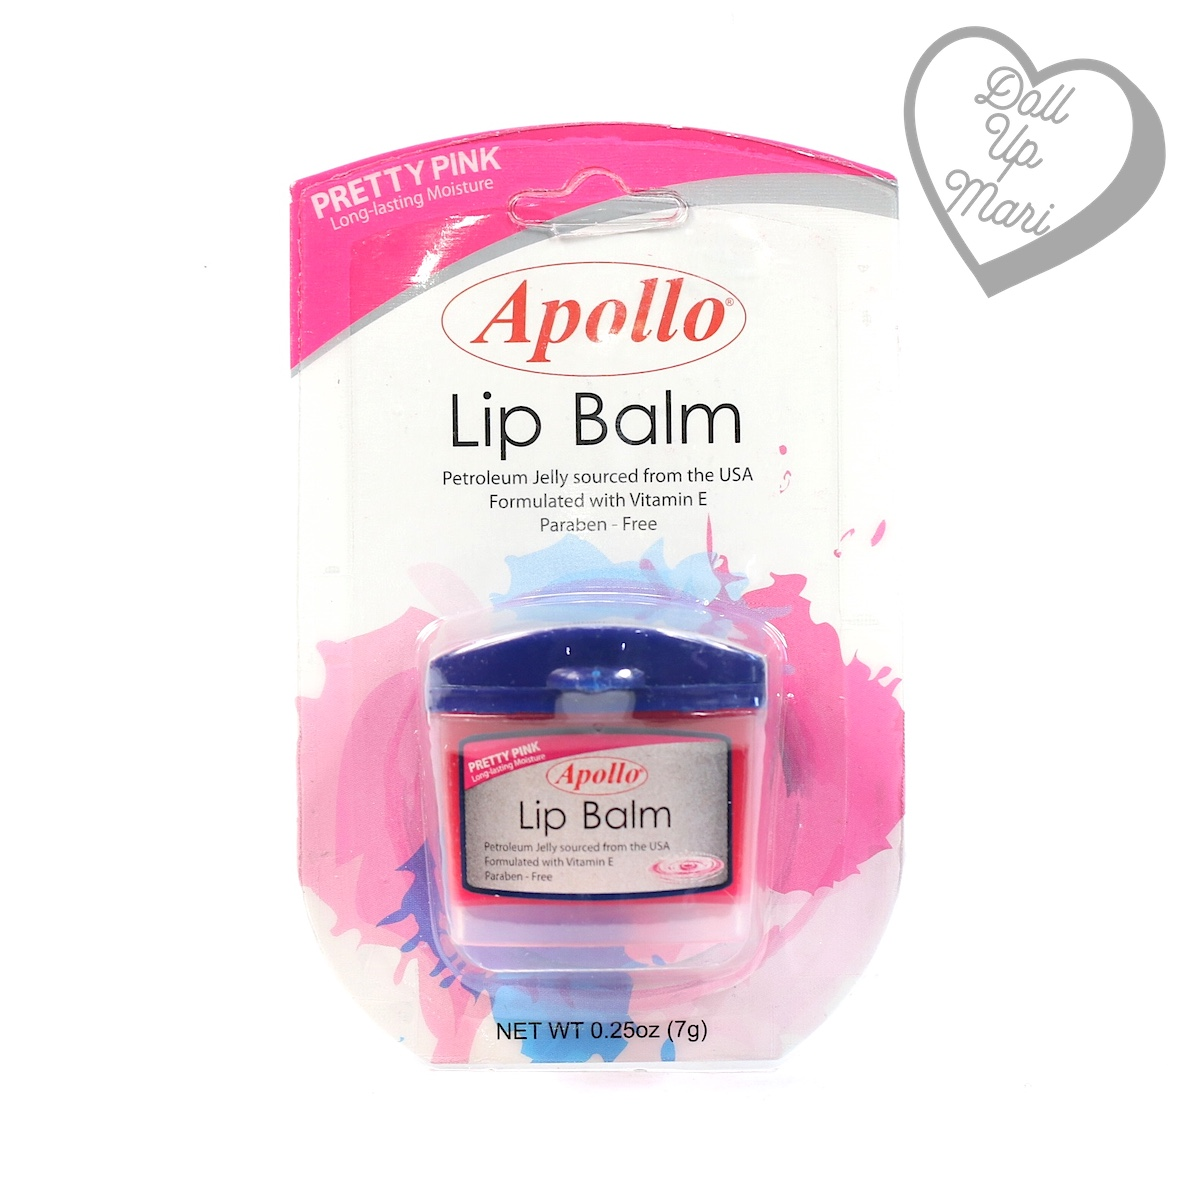 Apollo Lip Balm